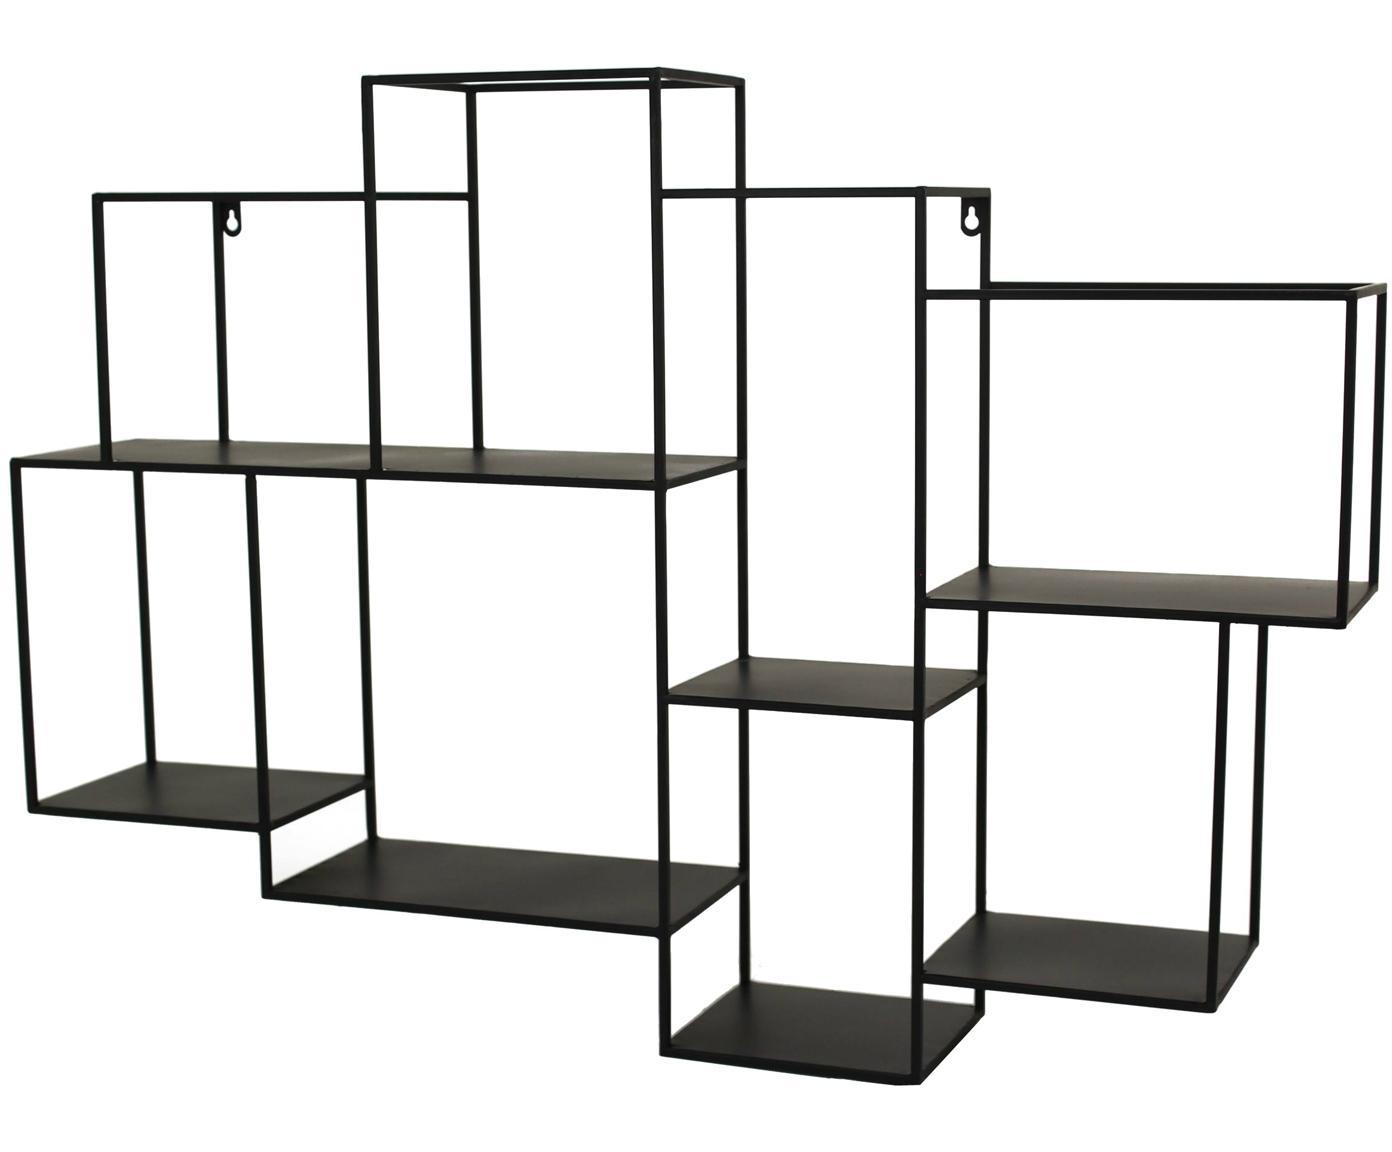 Metalen wandrek Parnke met 8 vakken, Gepoedercoat metaal, Zwart, 98 x 68 cm